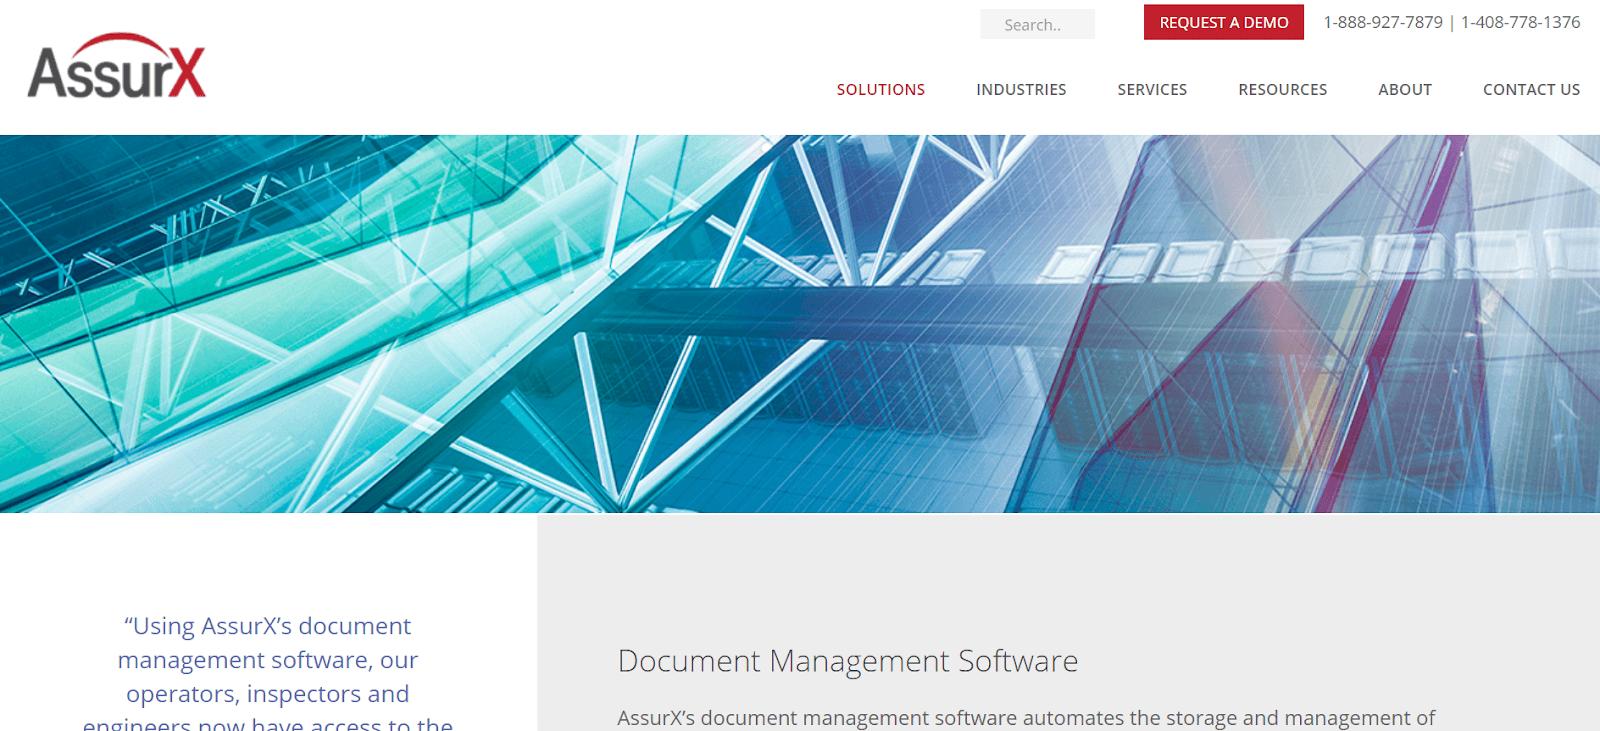 AssurX Document Management Software